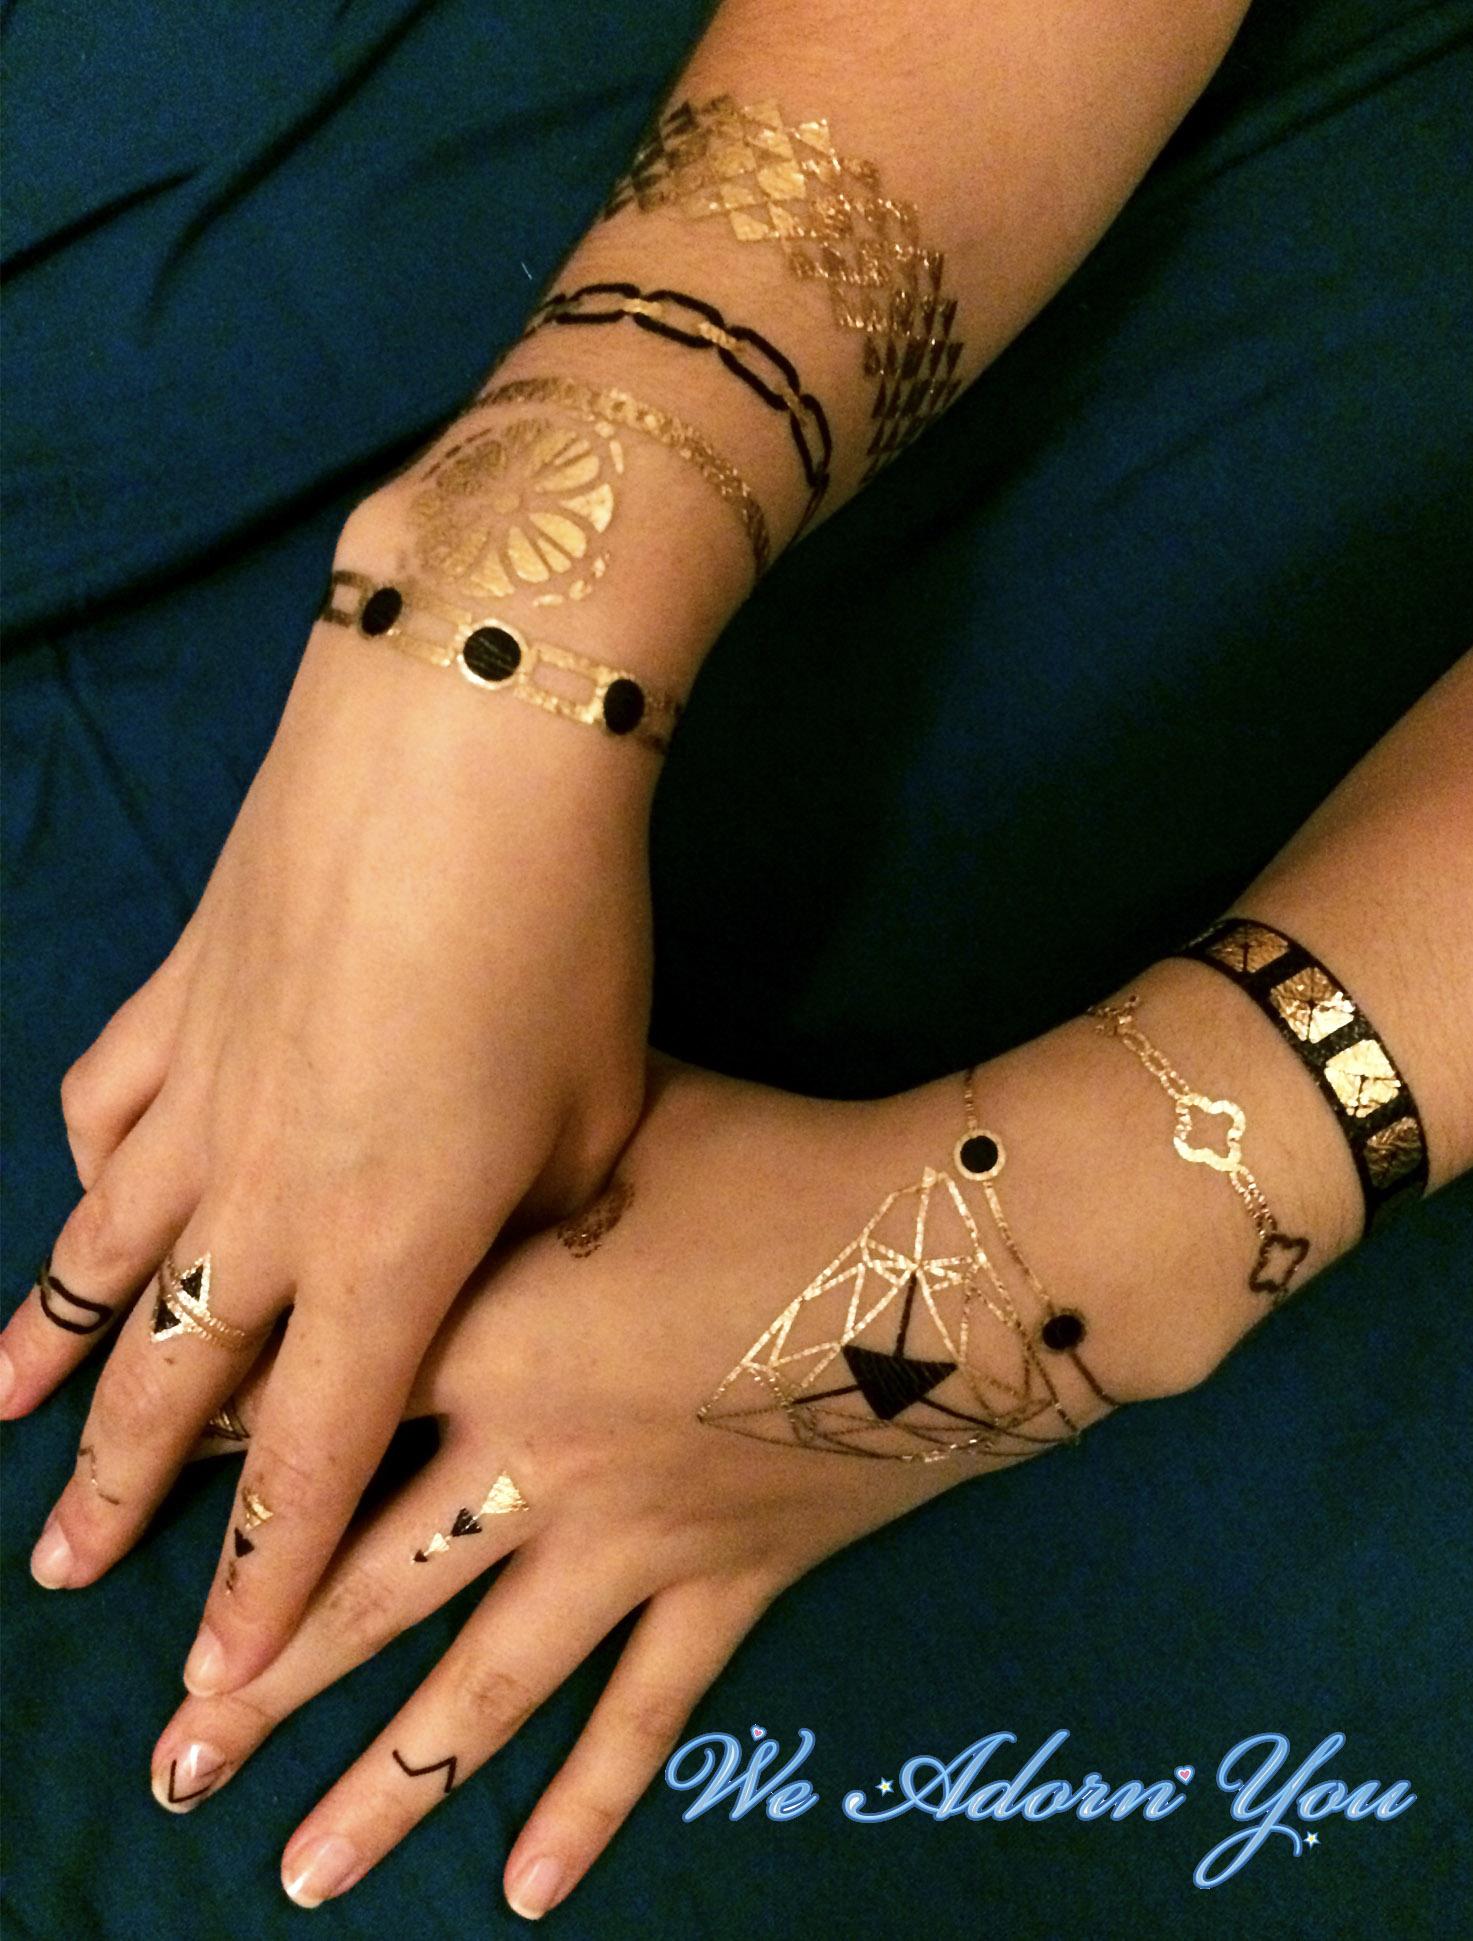 Flash Tattoo Festival - We Adorn You.jpg